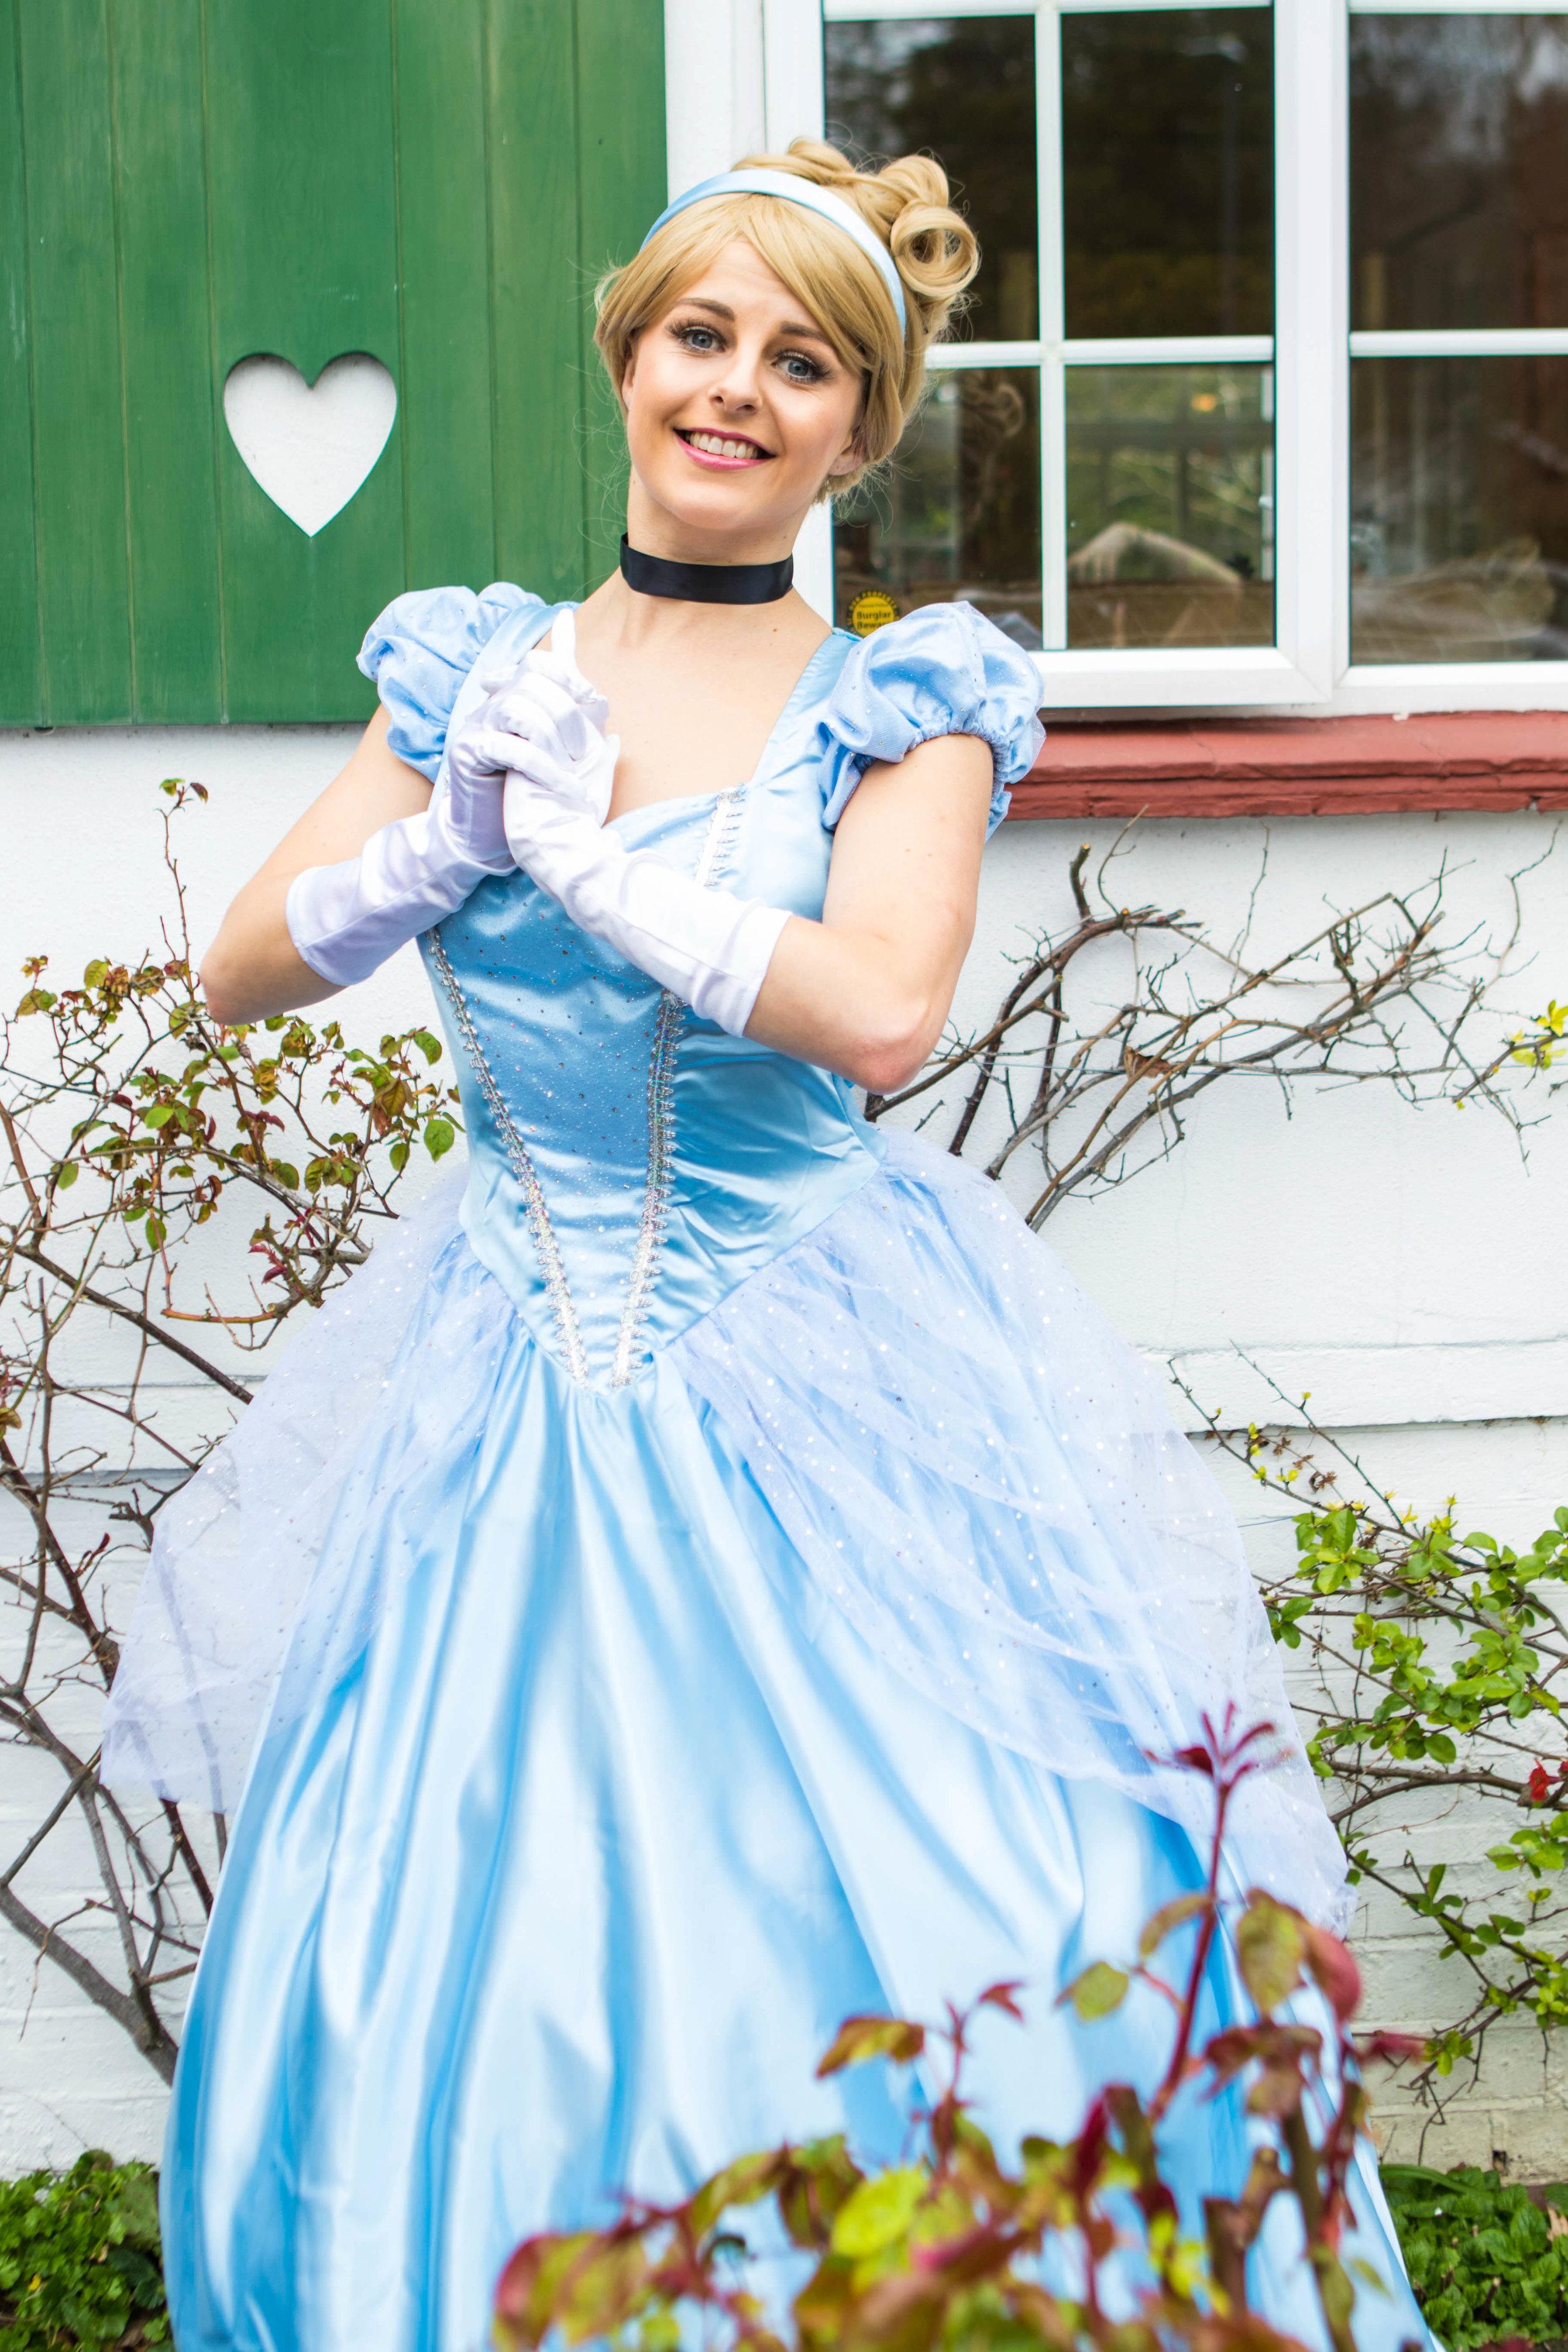 Princess_26.jpg